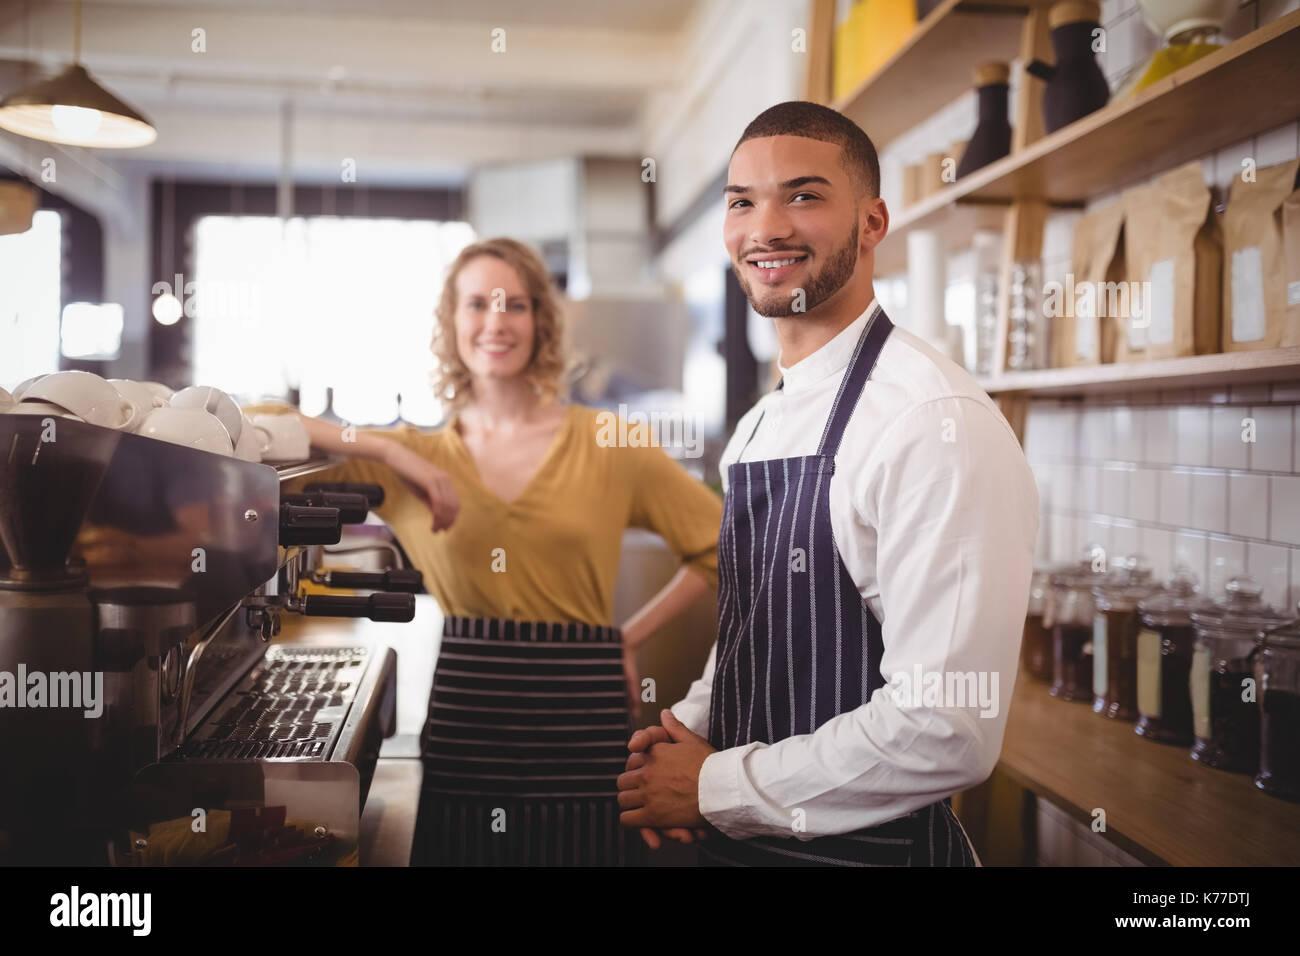 Portrait von lächelnden jungen Kellner und Kellnerinnen stehen durch die espressomaschine im Coffee Shop Stockfoto